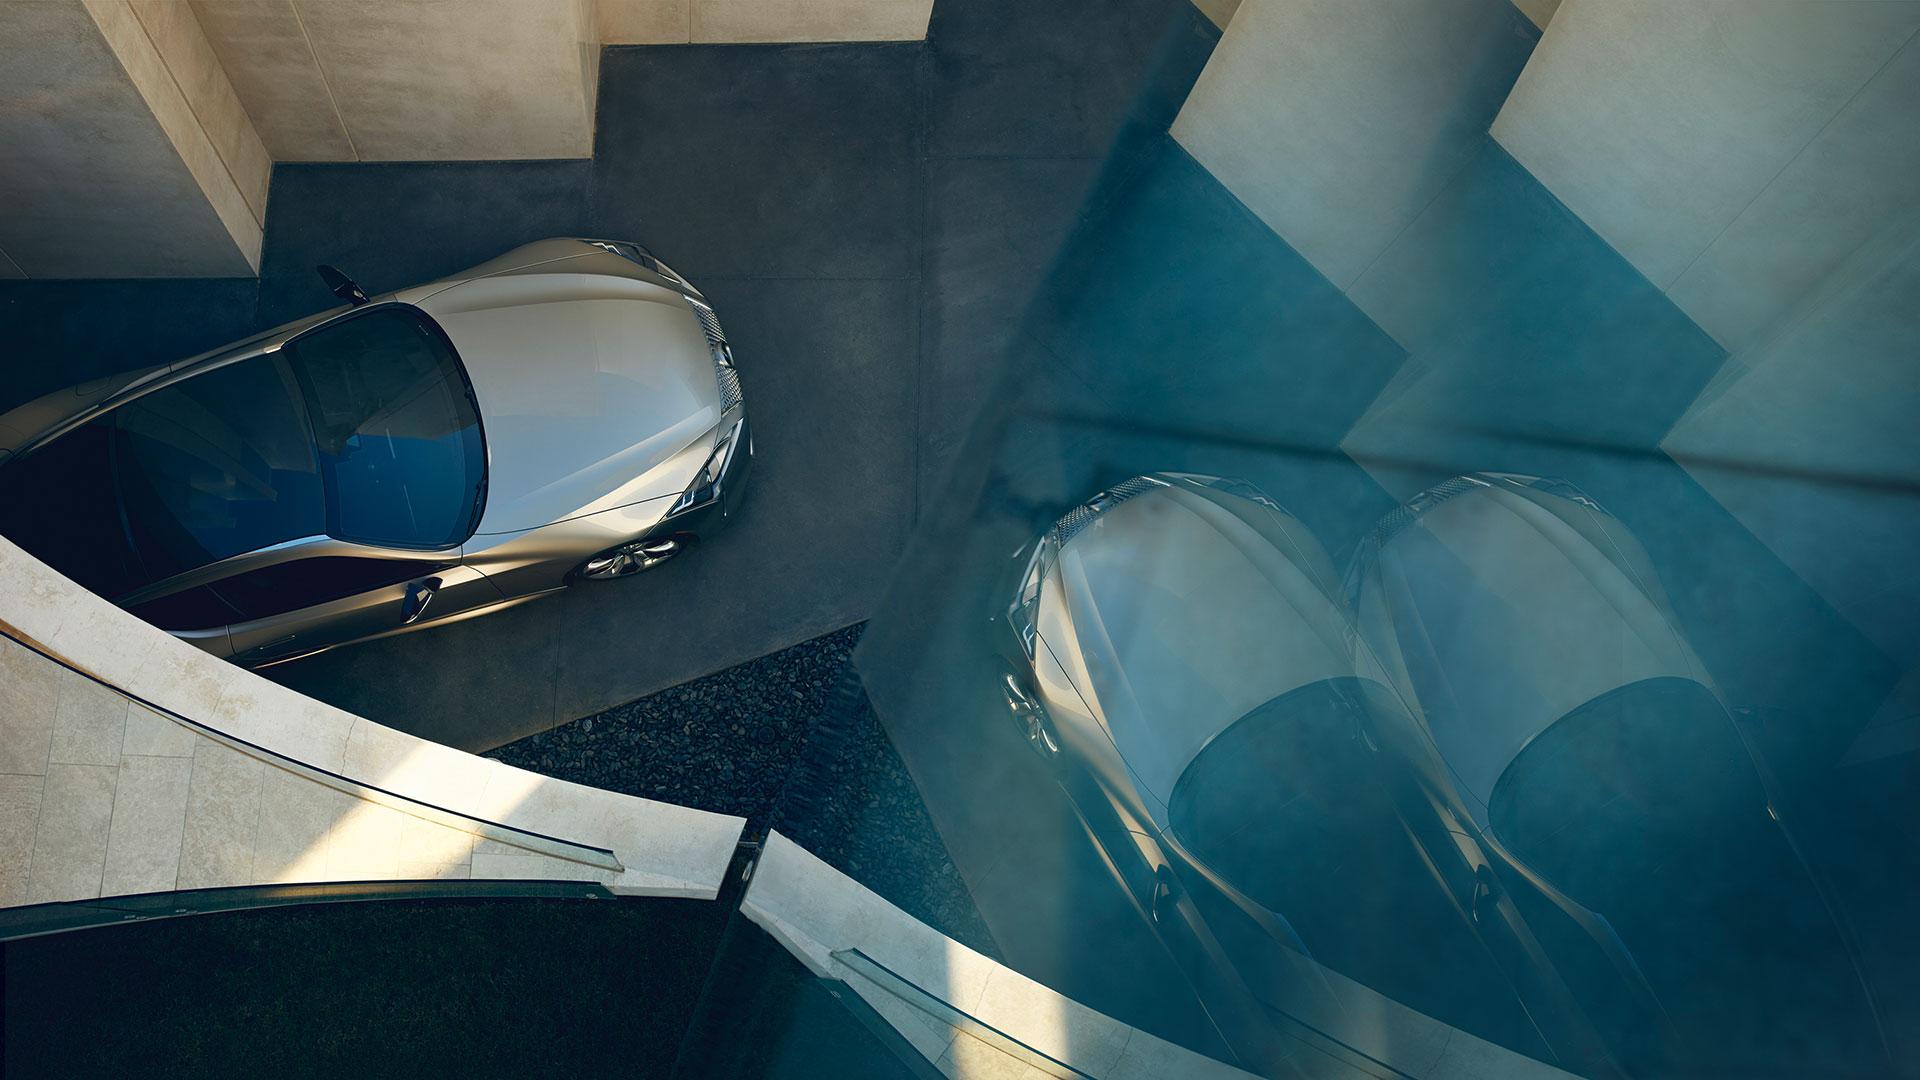 Sonic titanium farget Lexus LC 500h luksuskupé sett ovenfra